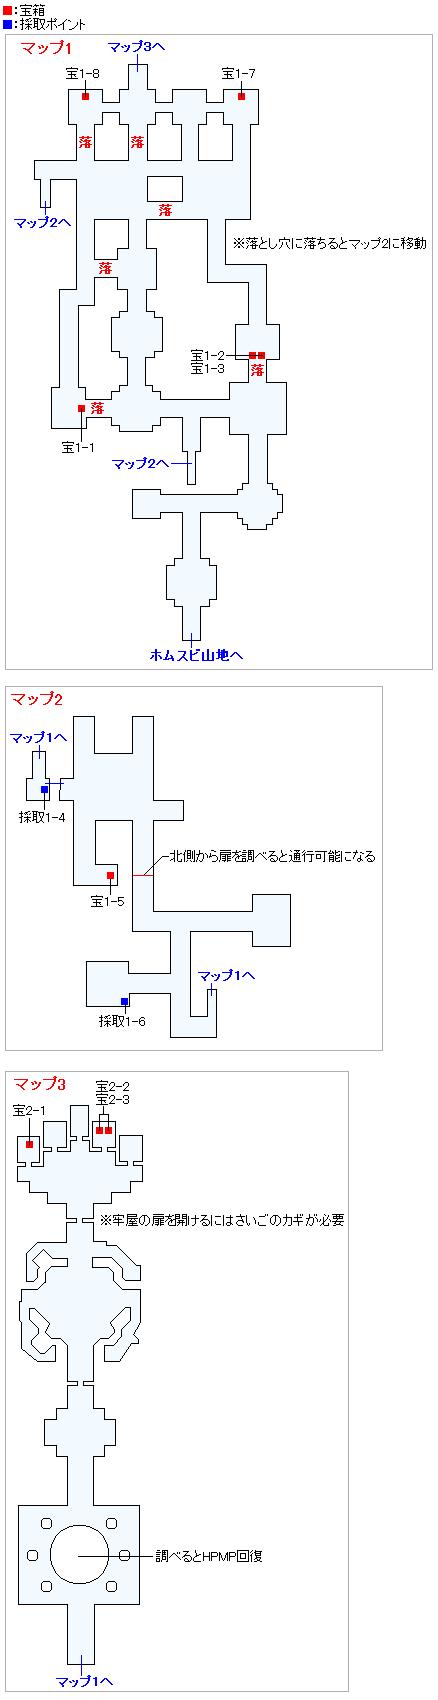 荒野の地下迷宮(3DSの3Dモード)のマップ画像